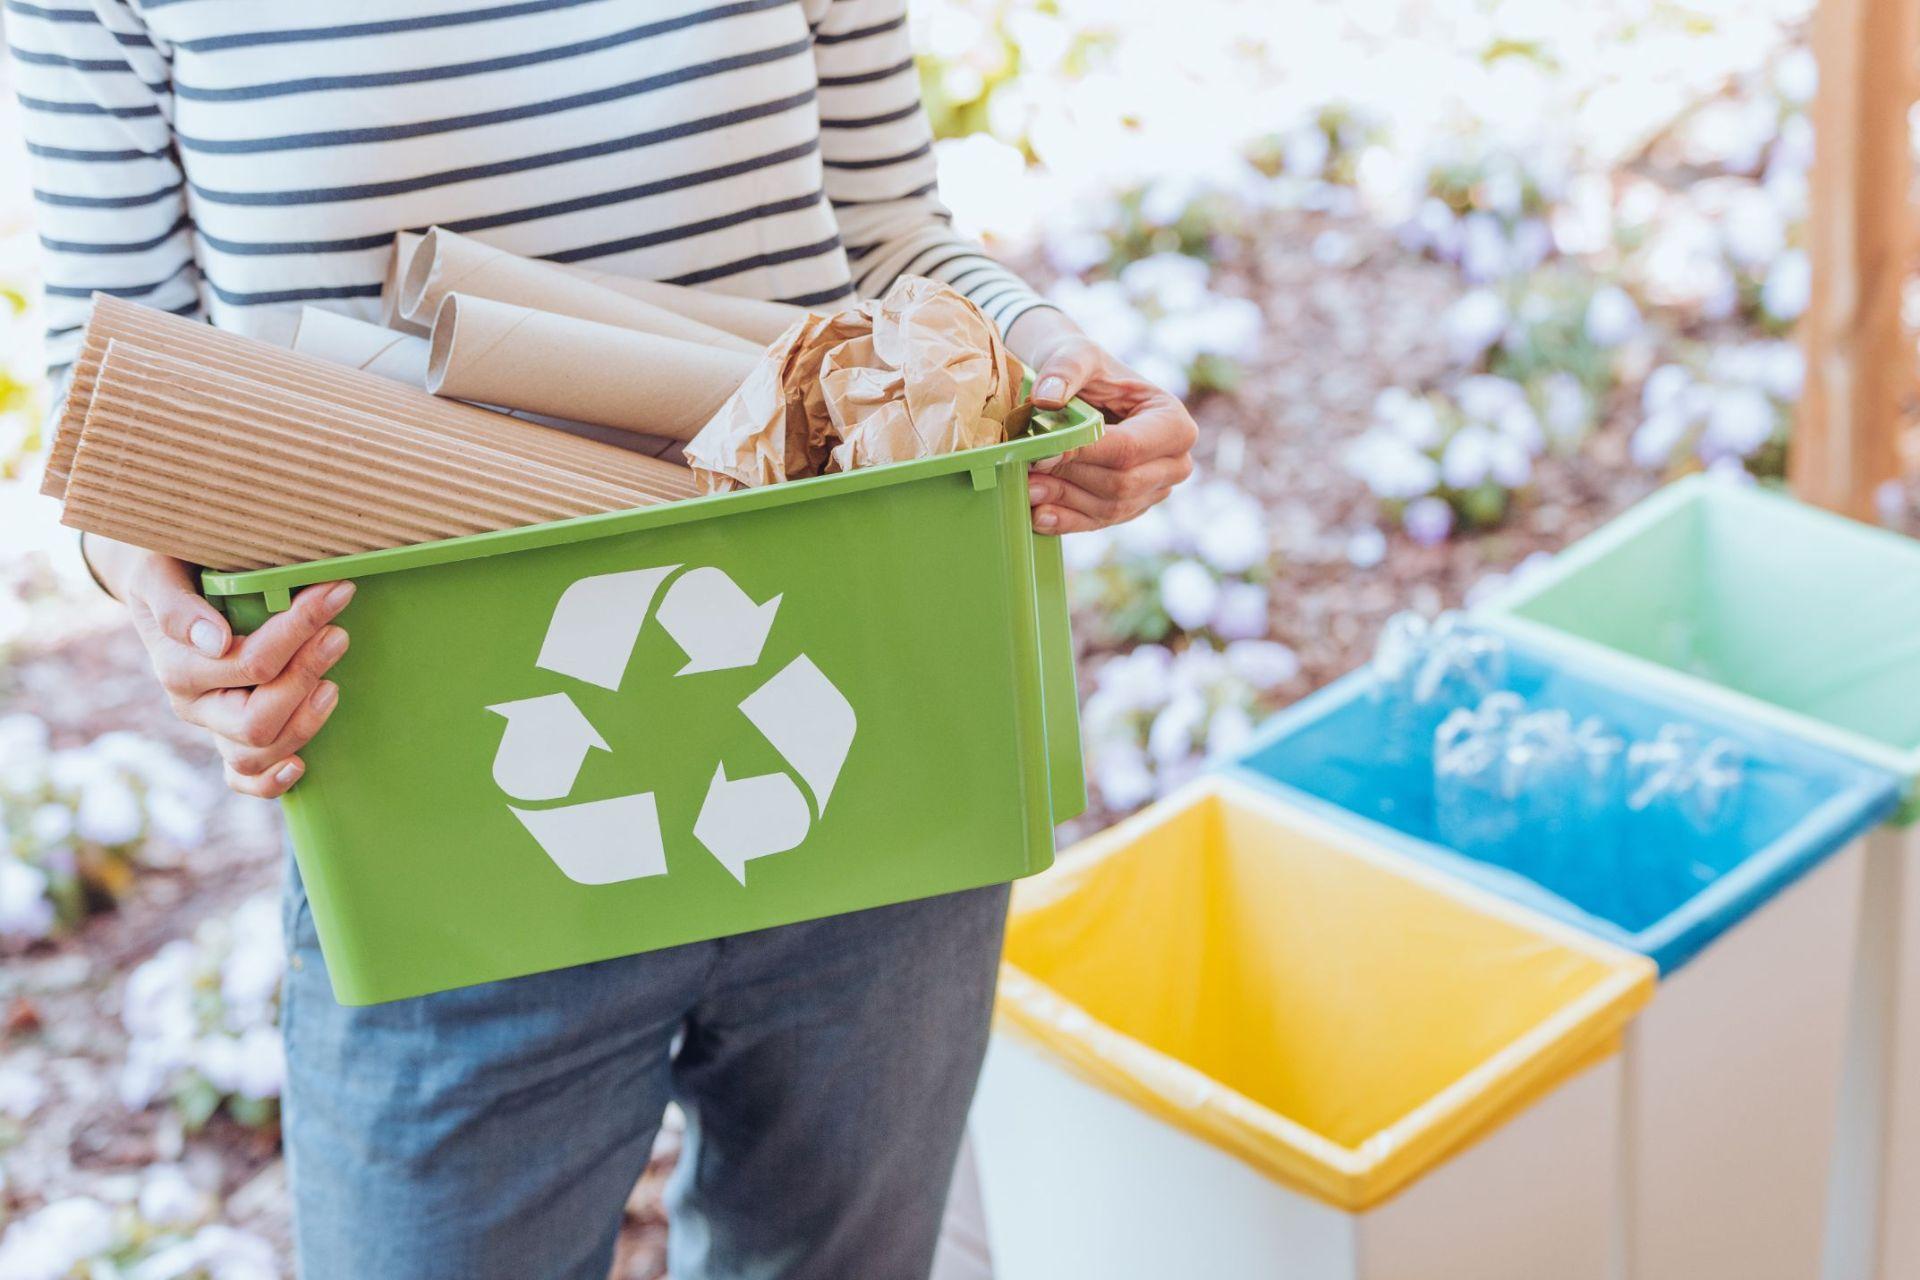 Environnement Le projet de loi relatif à la lutte contre le gaspillage alimentaire et l'économie circulaire a été définitivement adopté